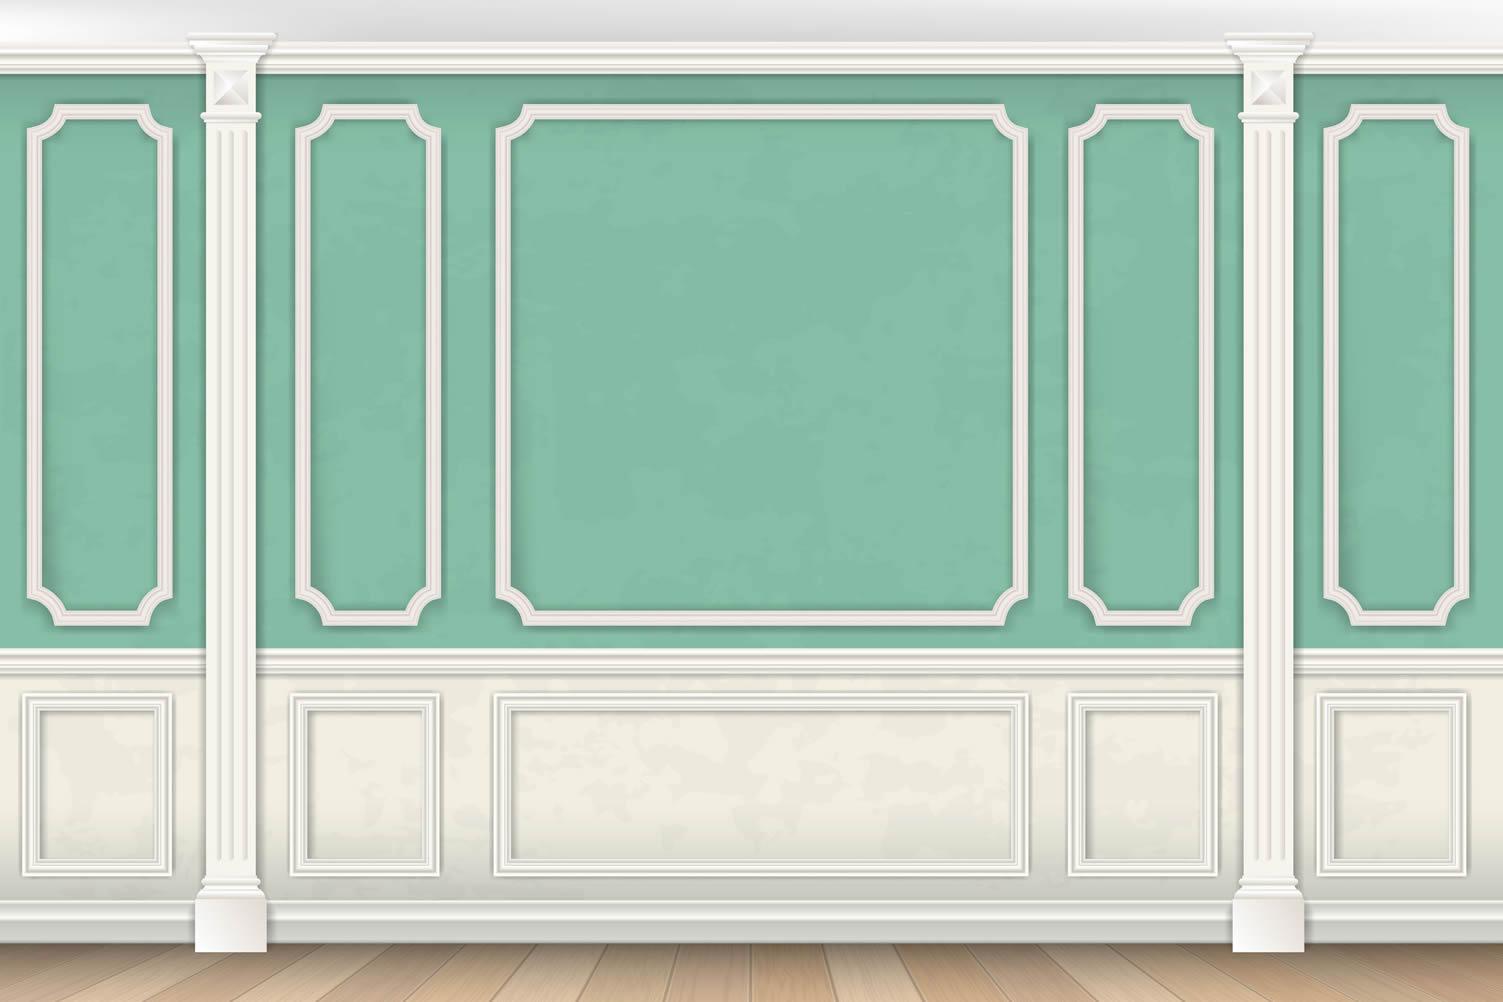 green paneled wall